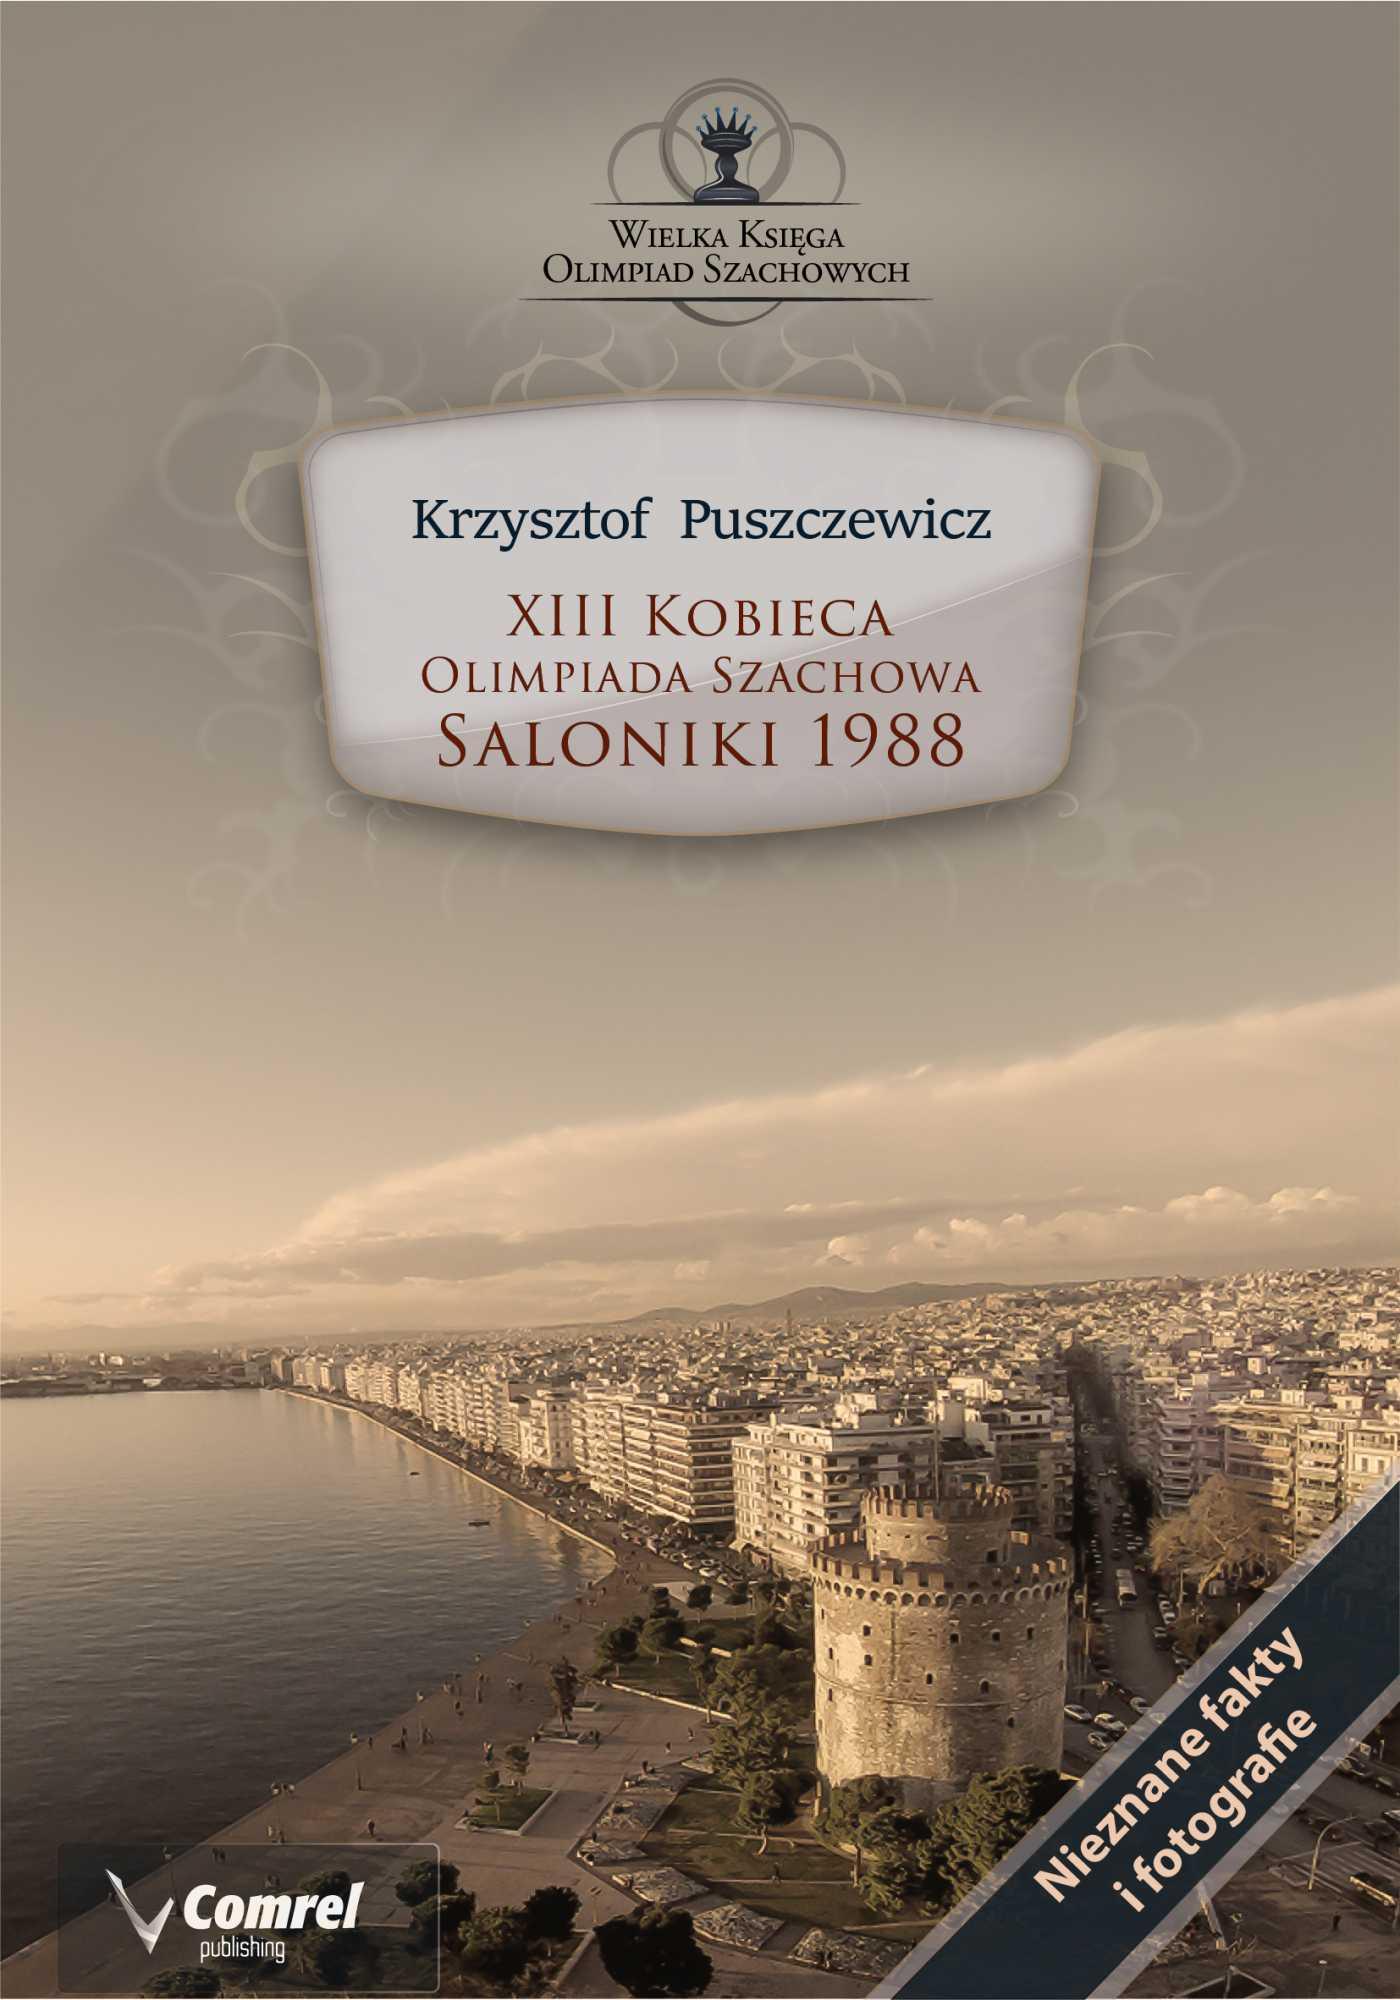 XIII Kobieca Olimpiada Szachowa - Saloniki 1988 - Ebook (Książka PDF) do pobrania w formacie PDF